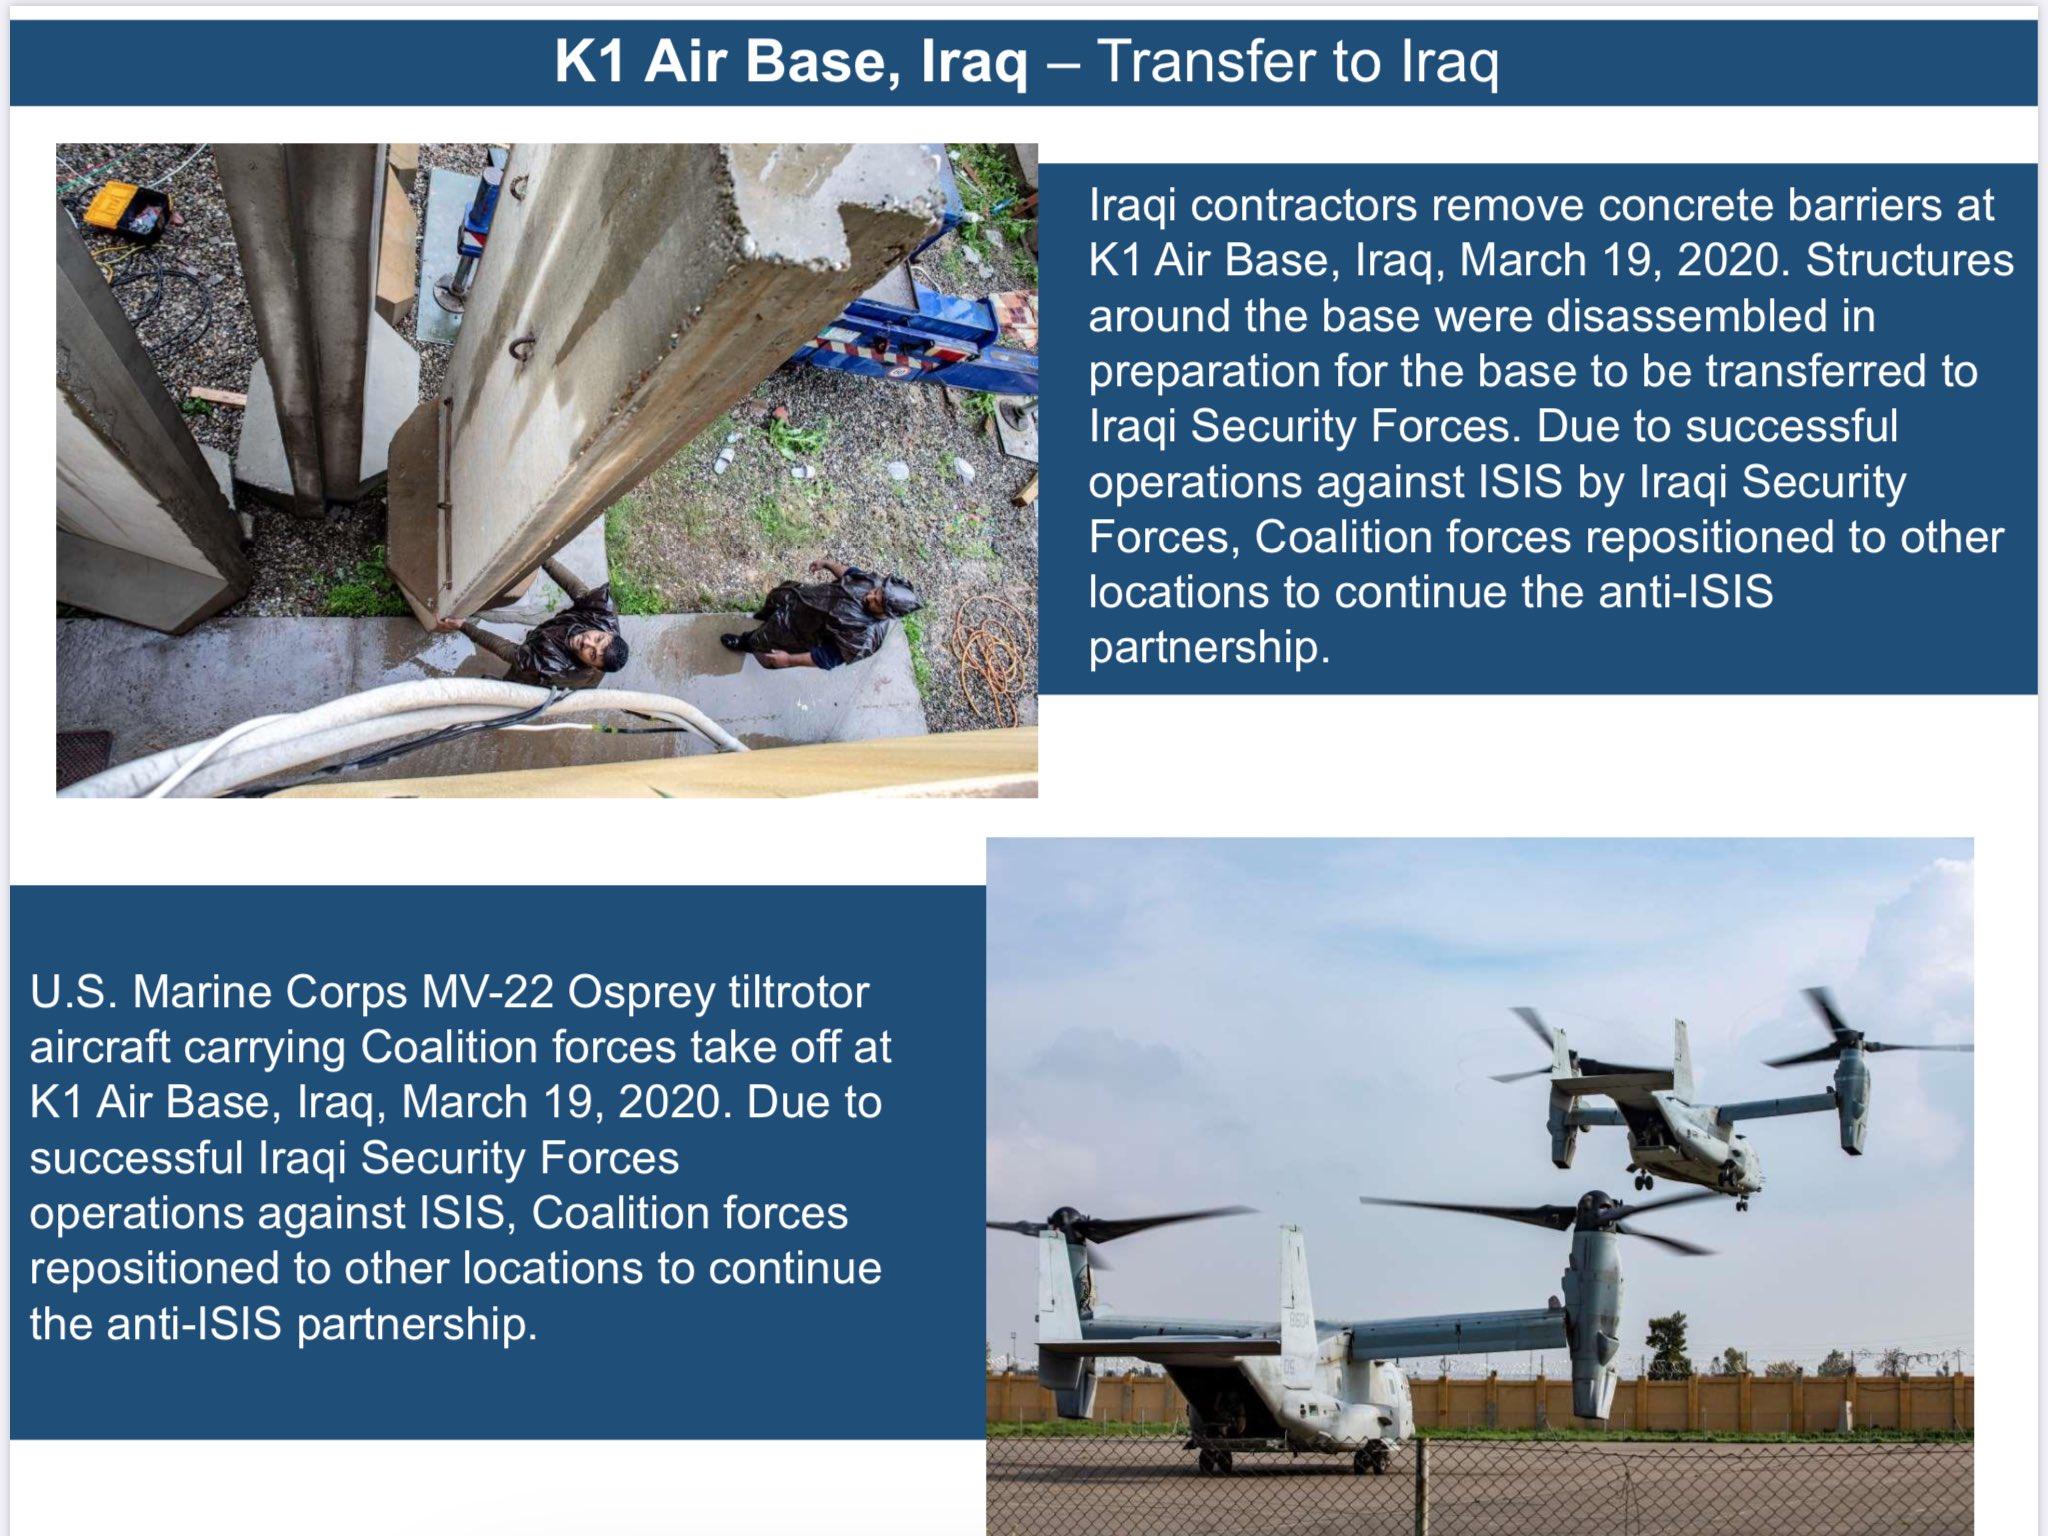 ترامب: على بغداد أن تدفع إذا سحبنا قواتنا من العراق - صفحة 2 EUREKkEXQAAawf8?format=jpg&name=large